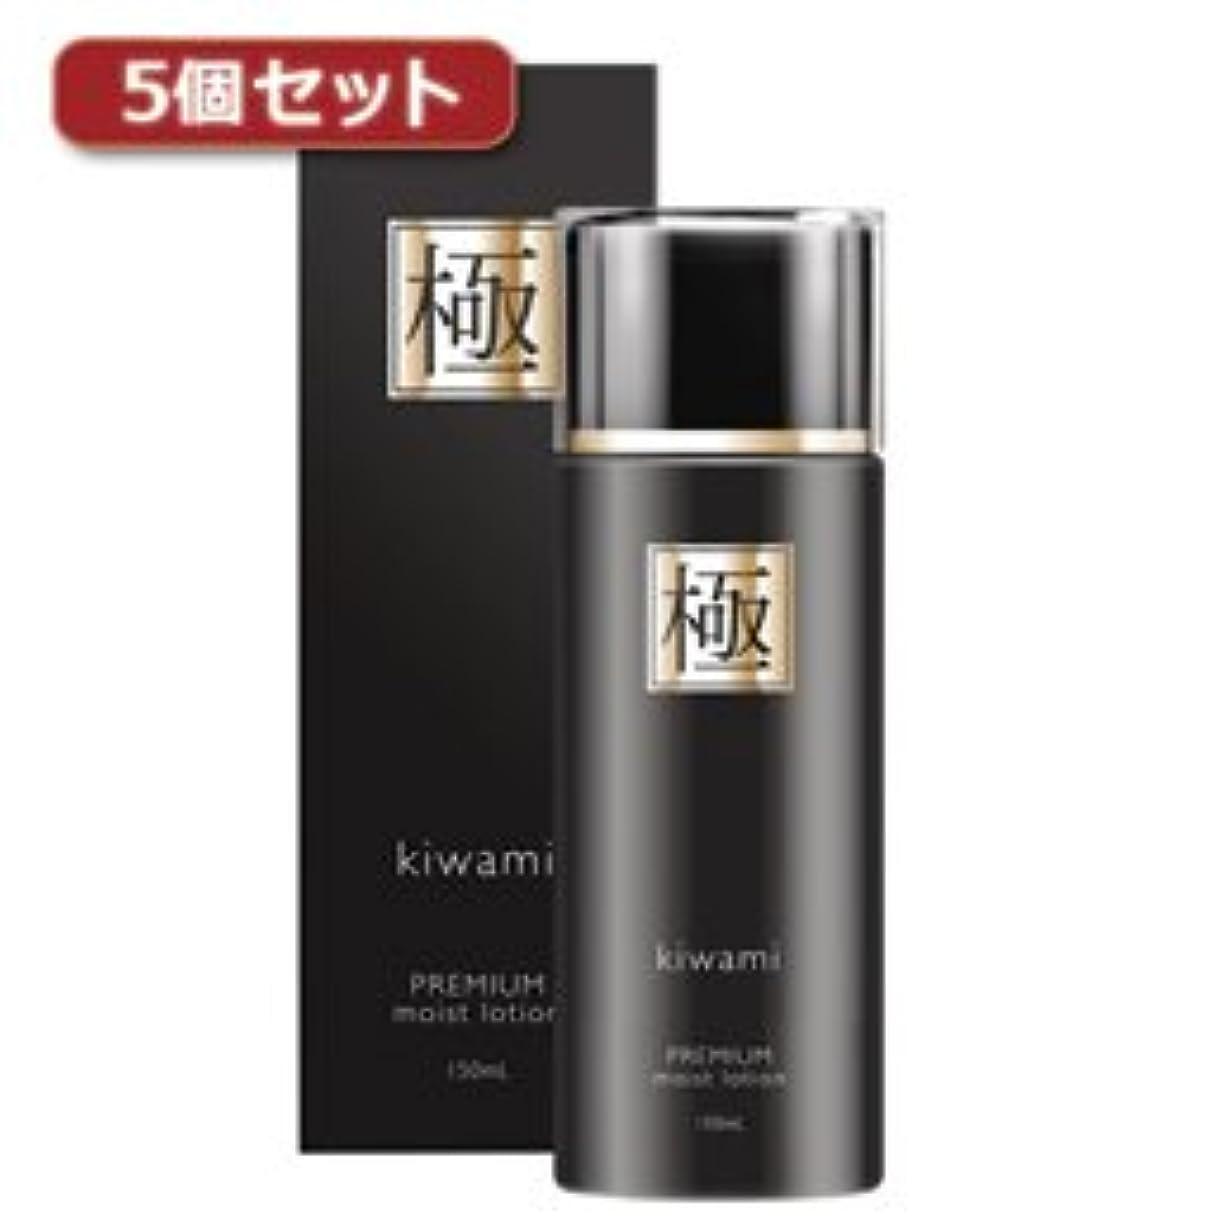 夢細部劇場(4個まとめ売り) 5個セット極 プレミアムモイストローション premium moist lotion EV96454X5